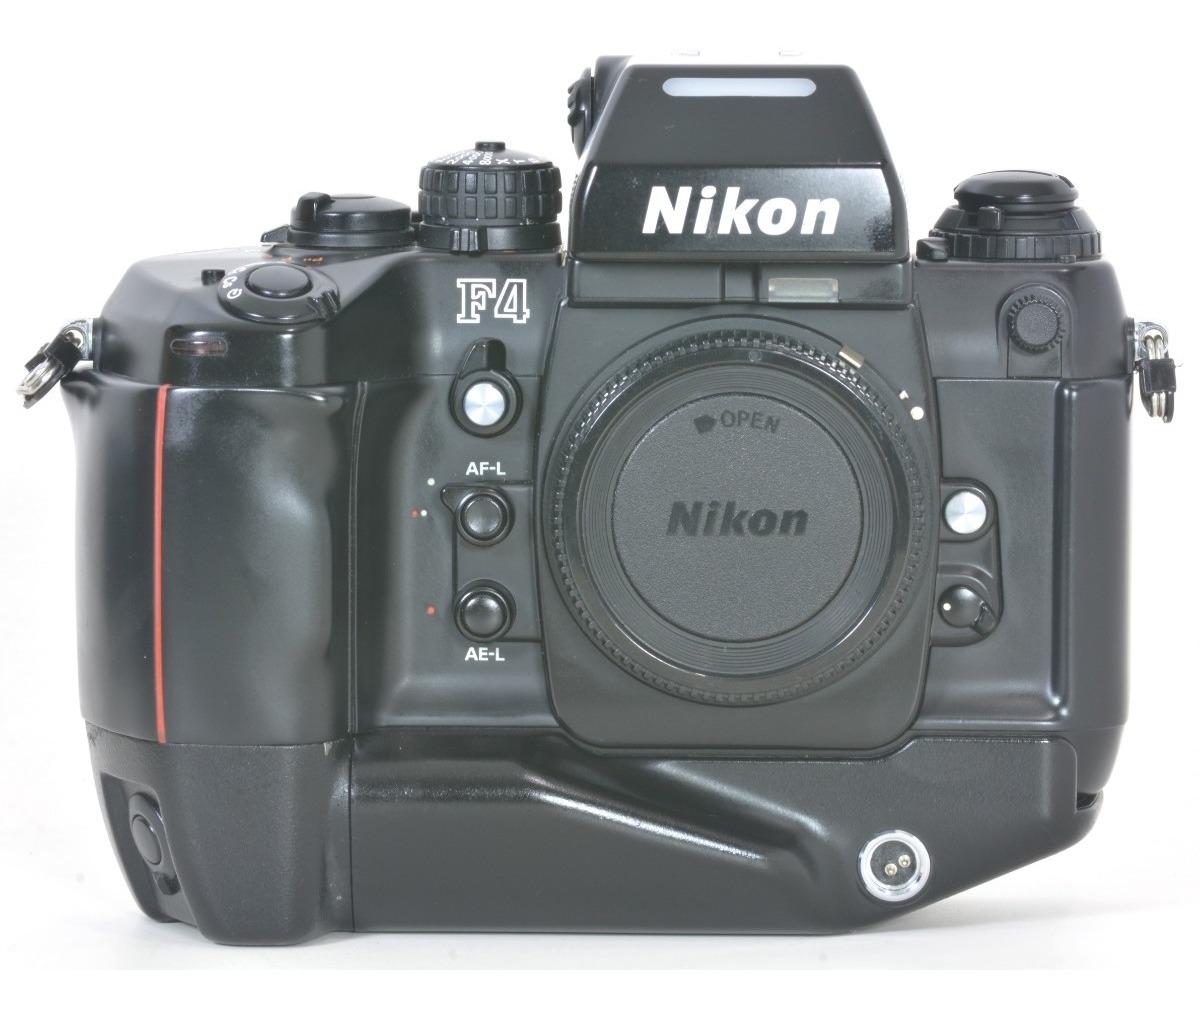 nikon-f4s-2546484-D_NQ_NP_957766-MLB32098236986_092019-F[1]